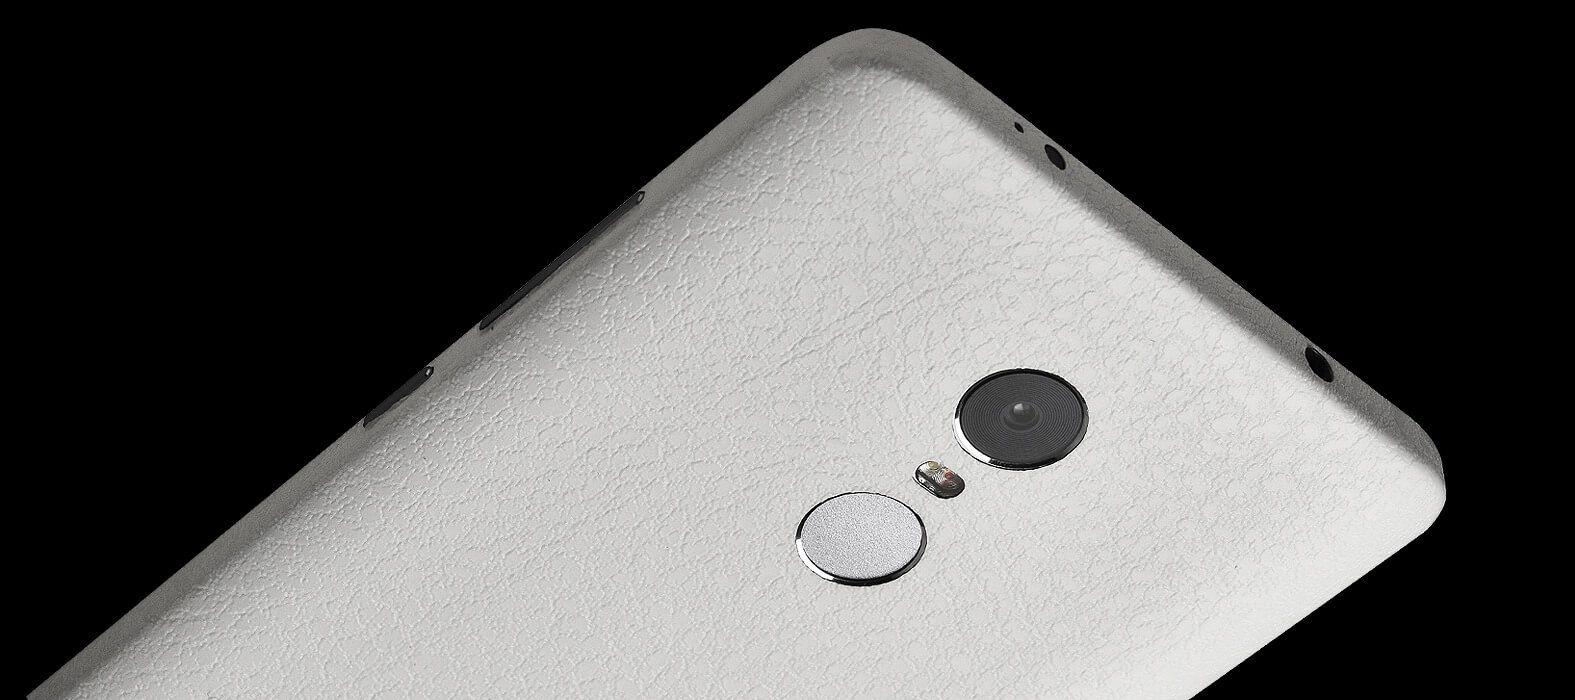 White Leather Redmi Note 4 Wraps & Skins